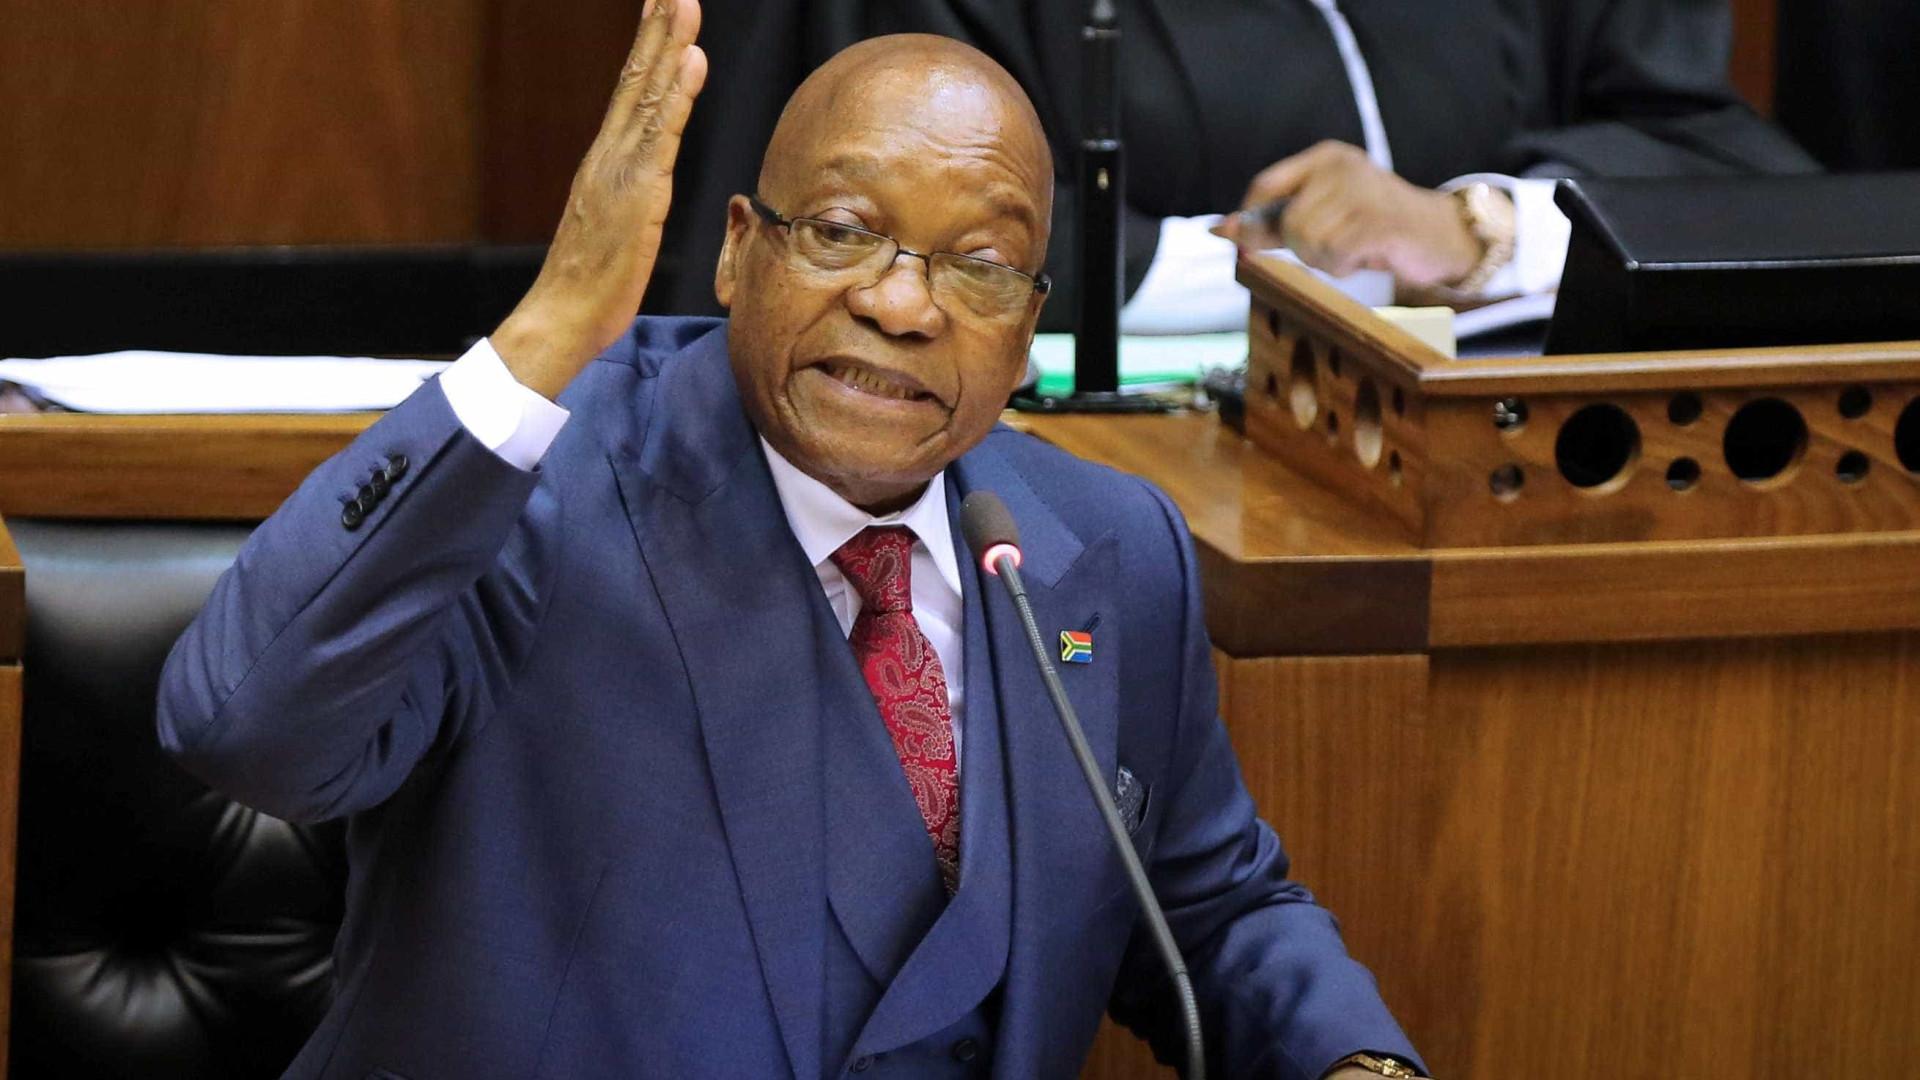 'Fui envenenado', garantiu presidente da África do Sul